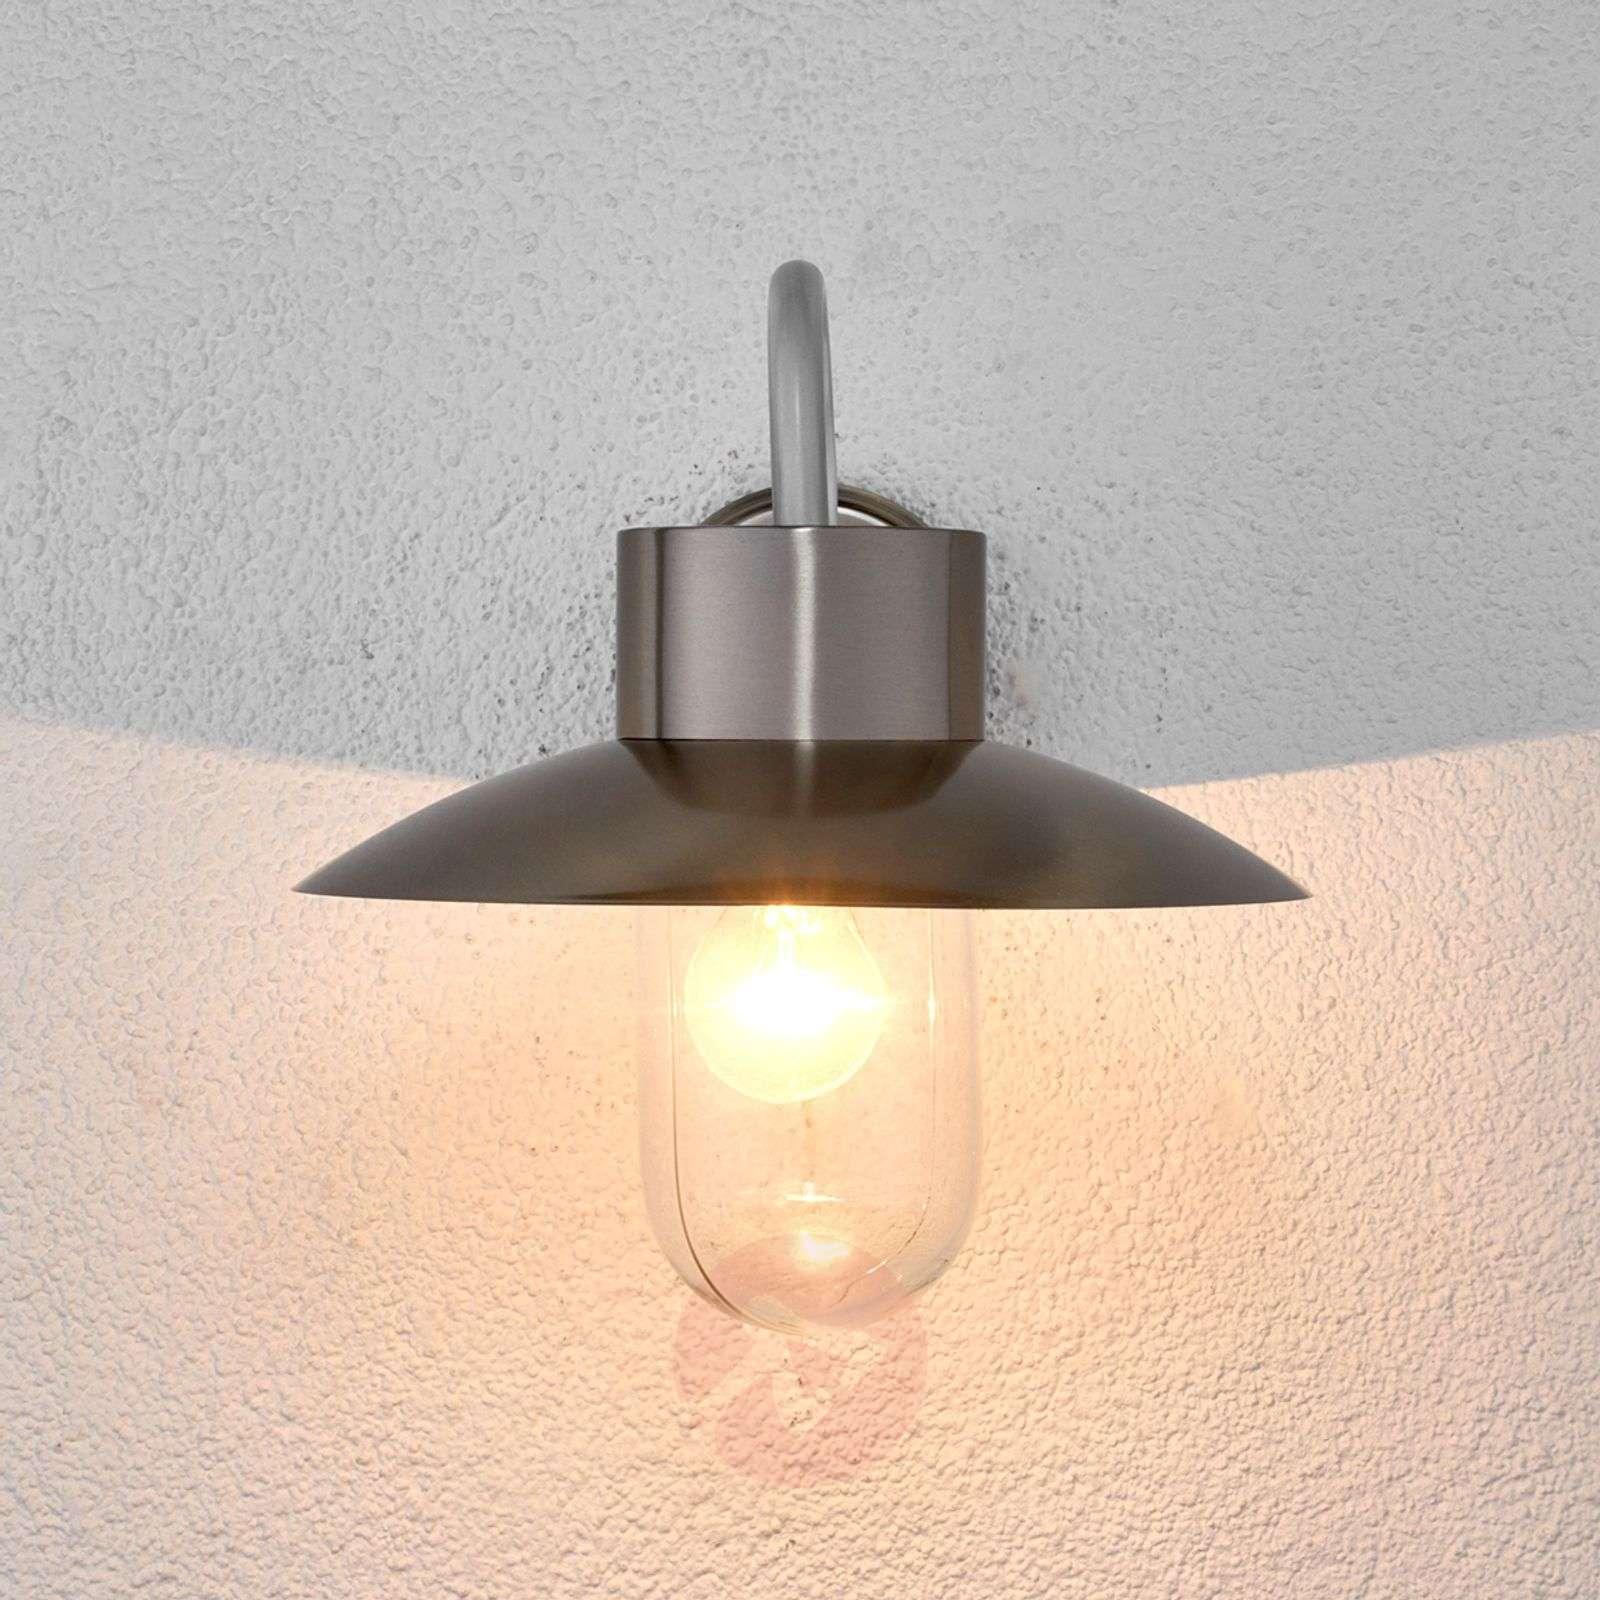 Nordic-looking outdoor wall light Leenke-9647073-01